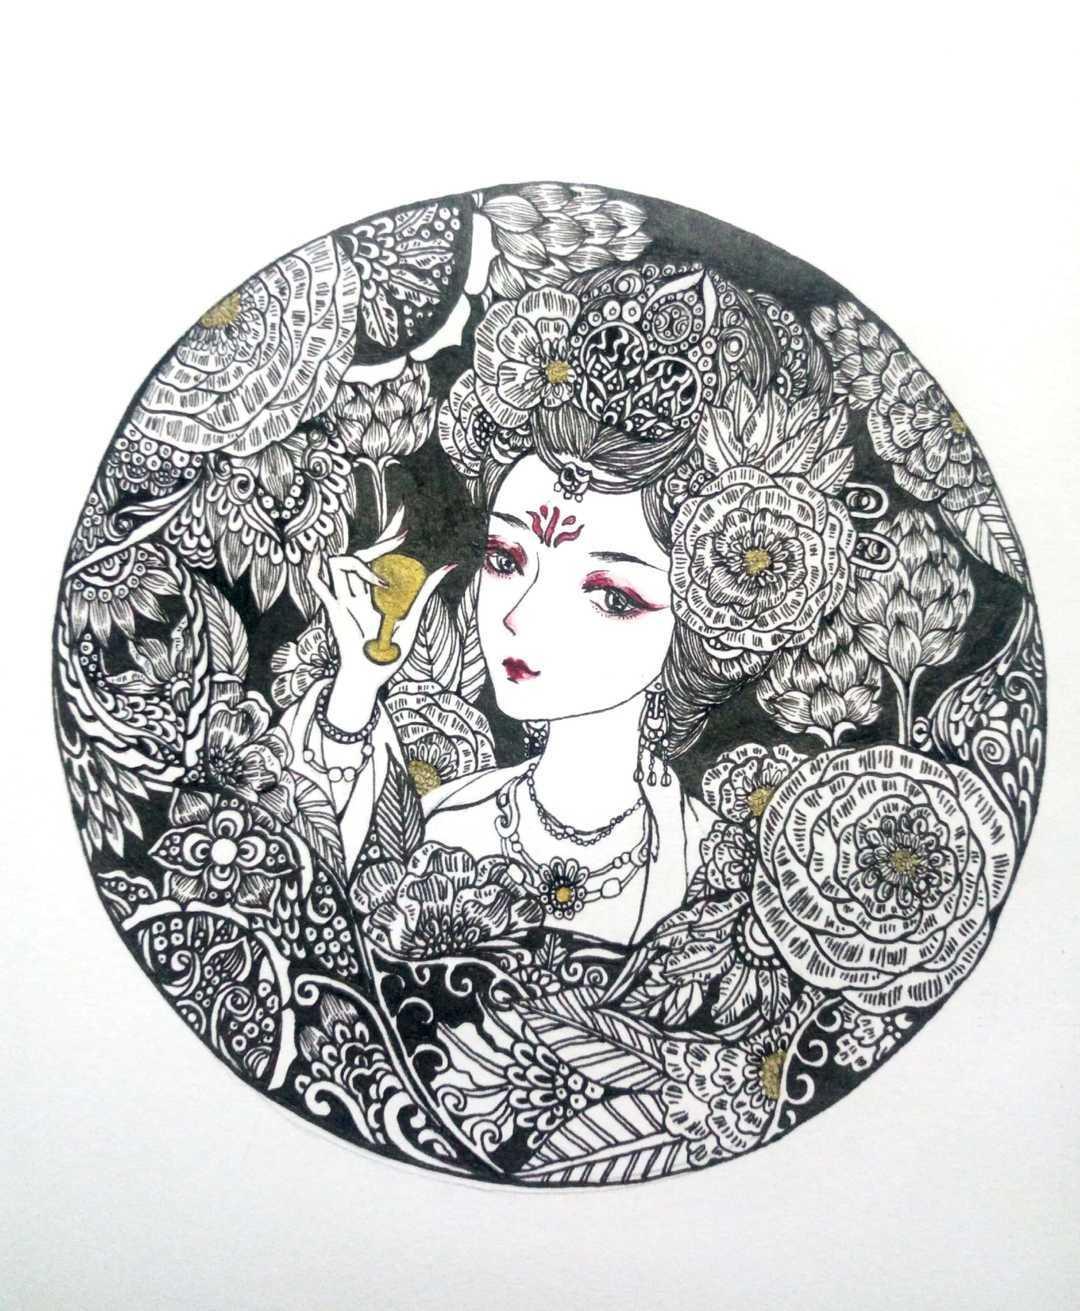 针管笔达人绘 | 黑白手绘之秦淮八艳